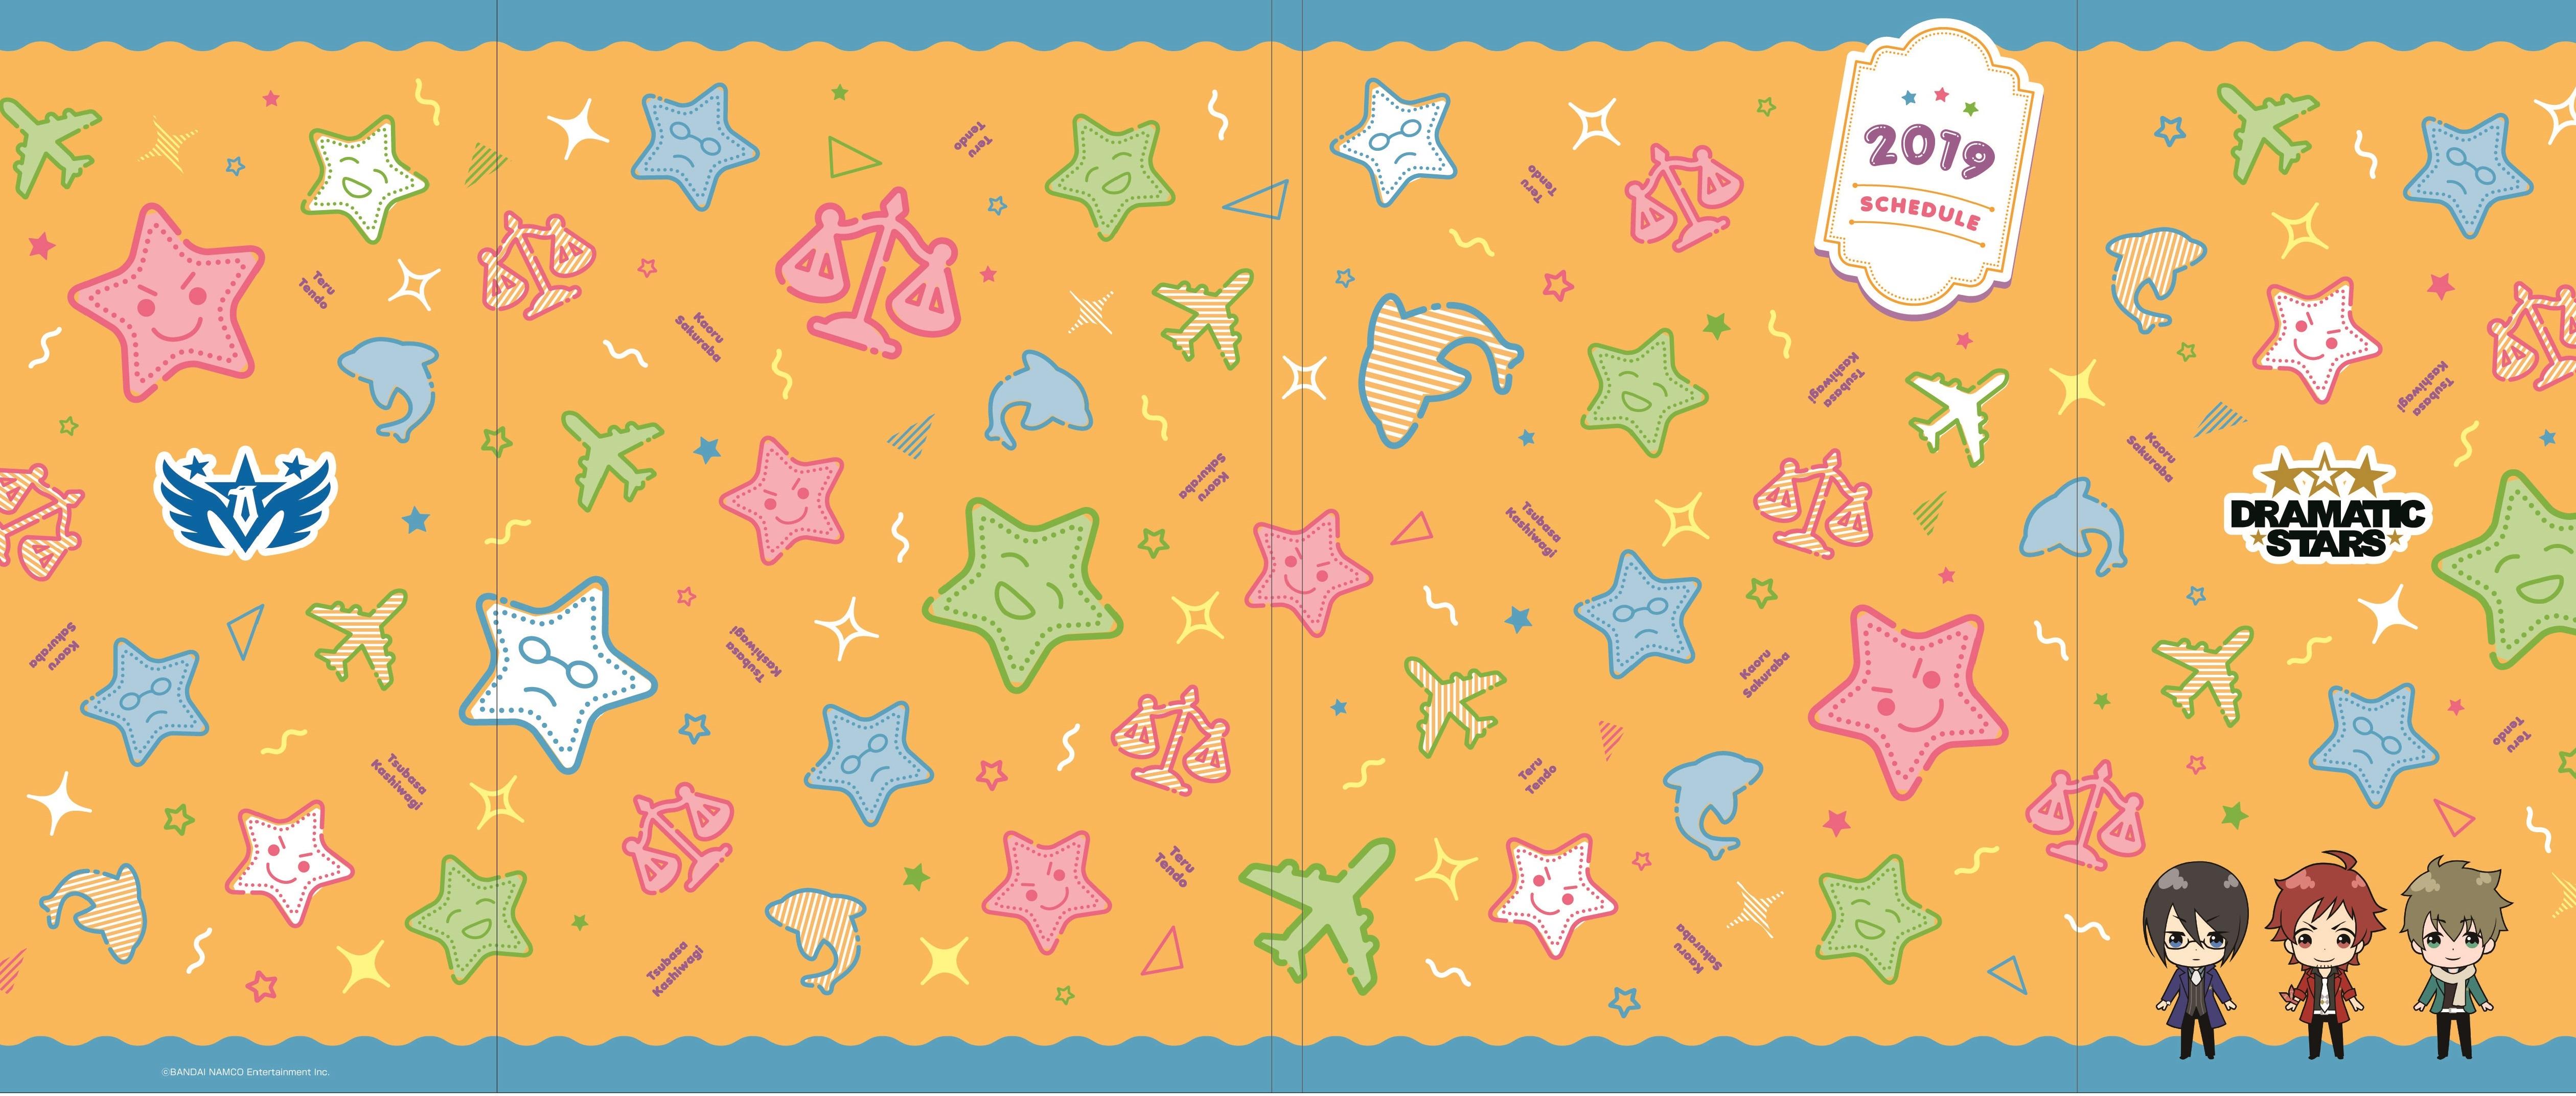 アイドルマスター SideM 2019年度スケジュール帳 シール付き特別版 DRAMATIC STARS